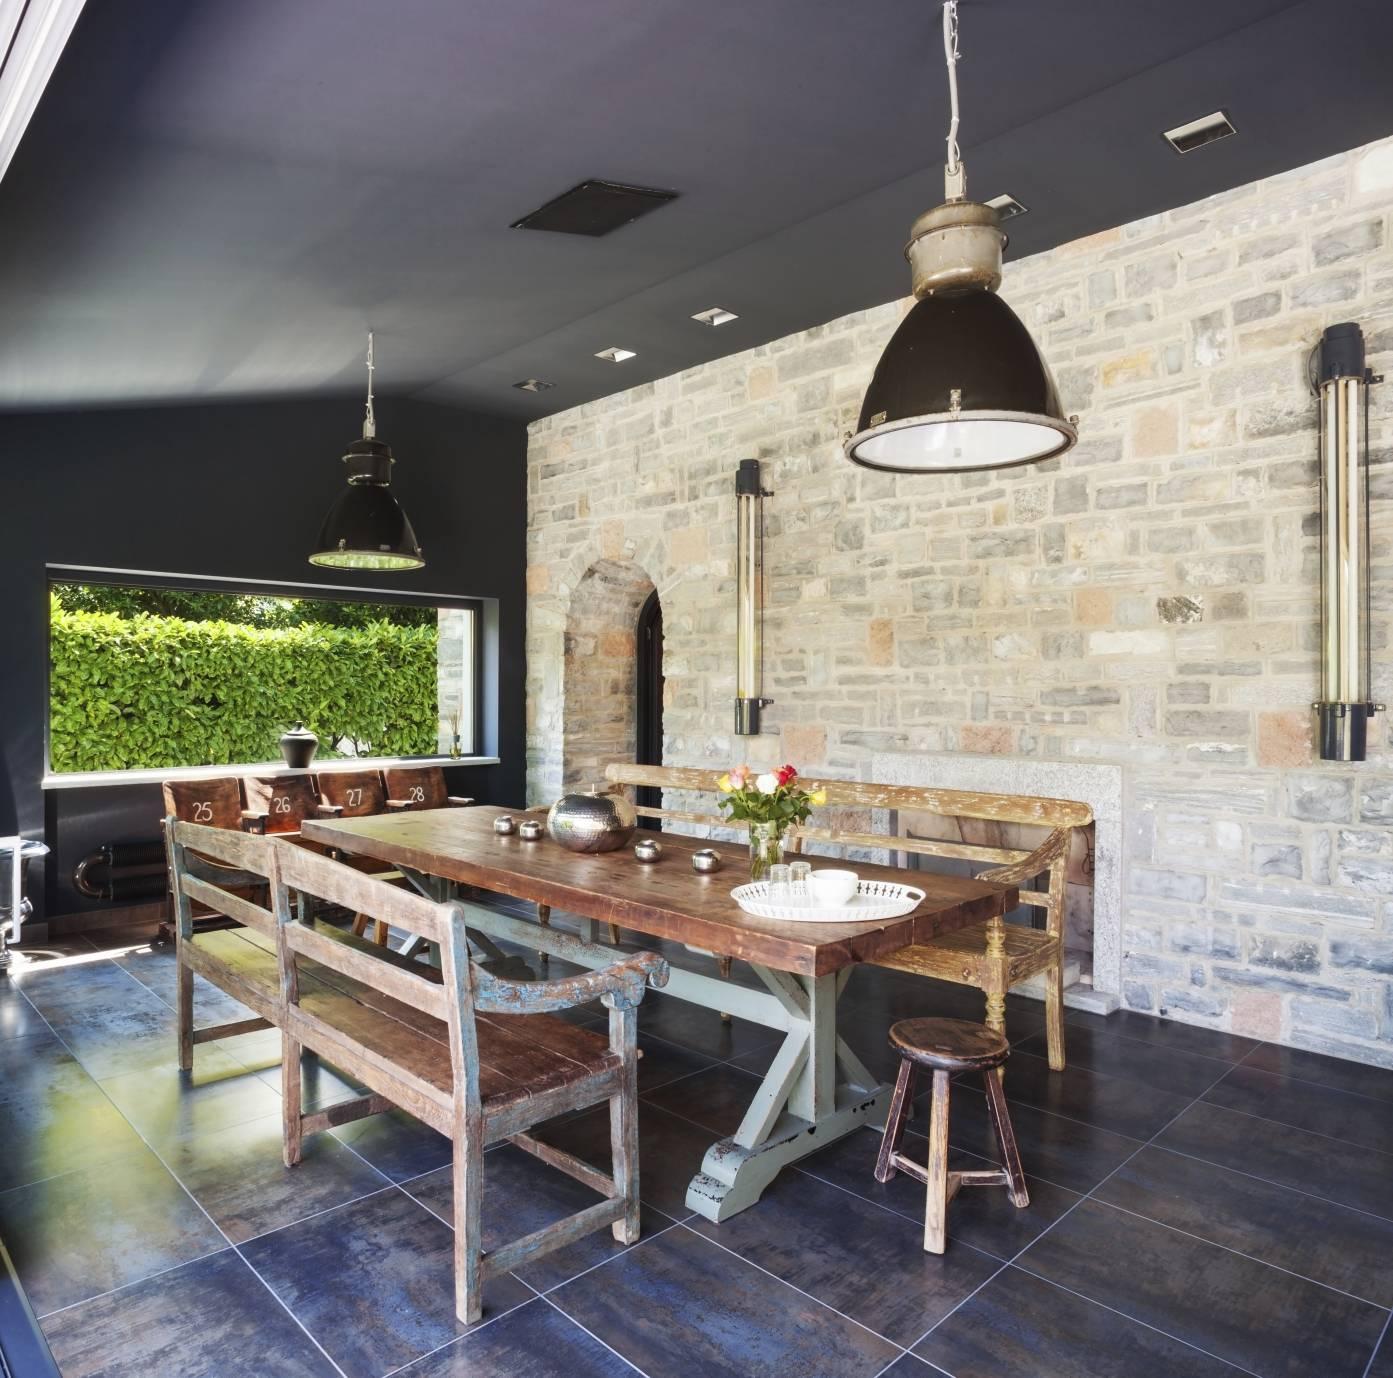 Idee de deco salle a manger maison design for Deco salle a manger